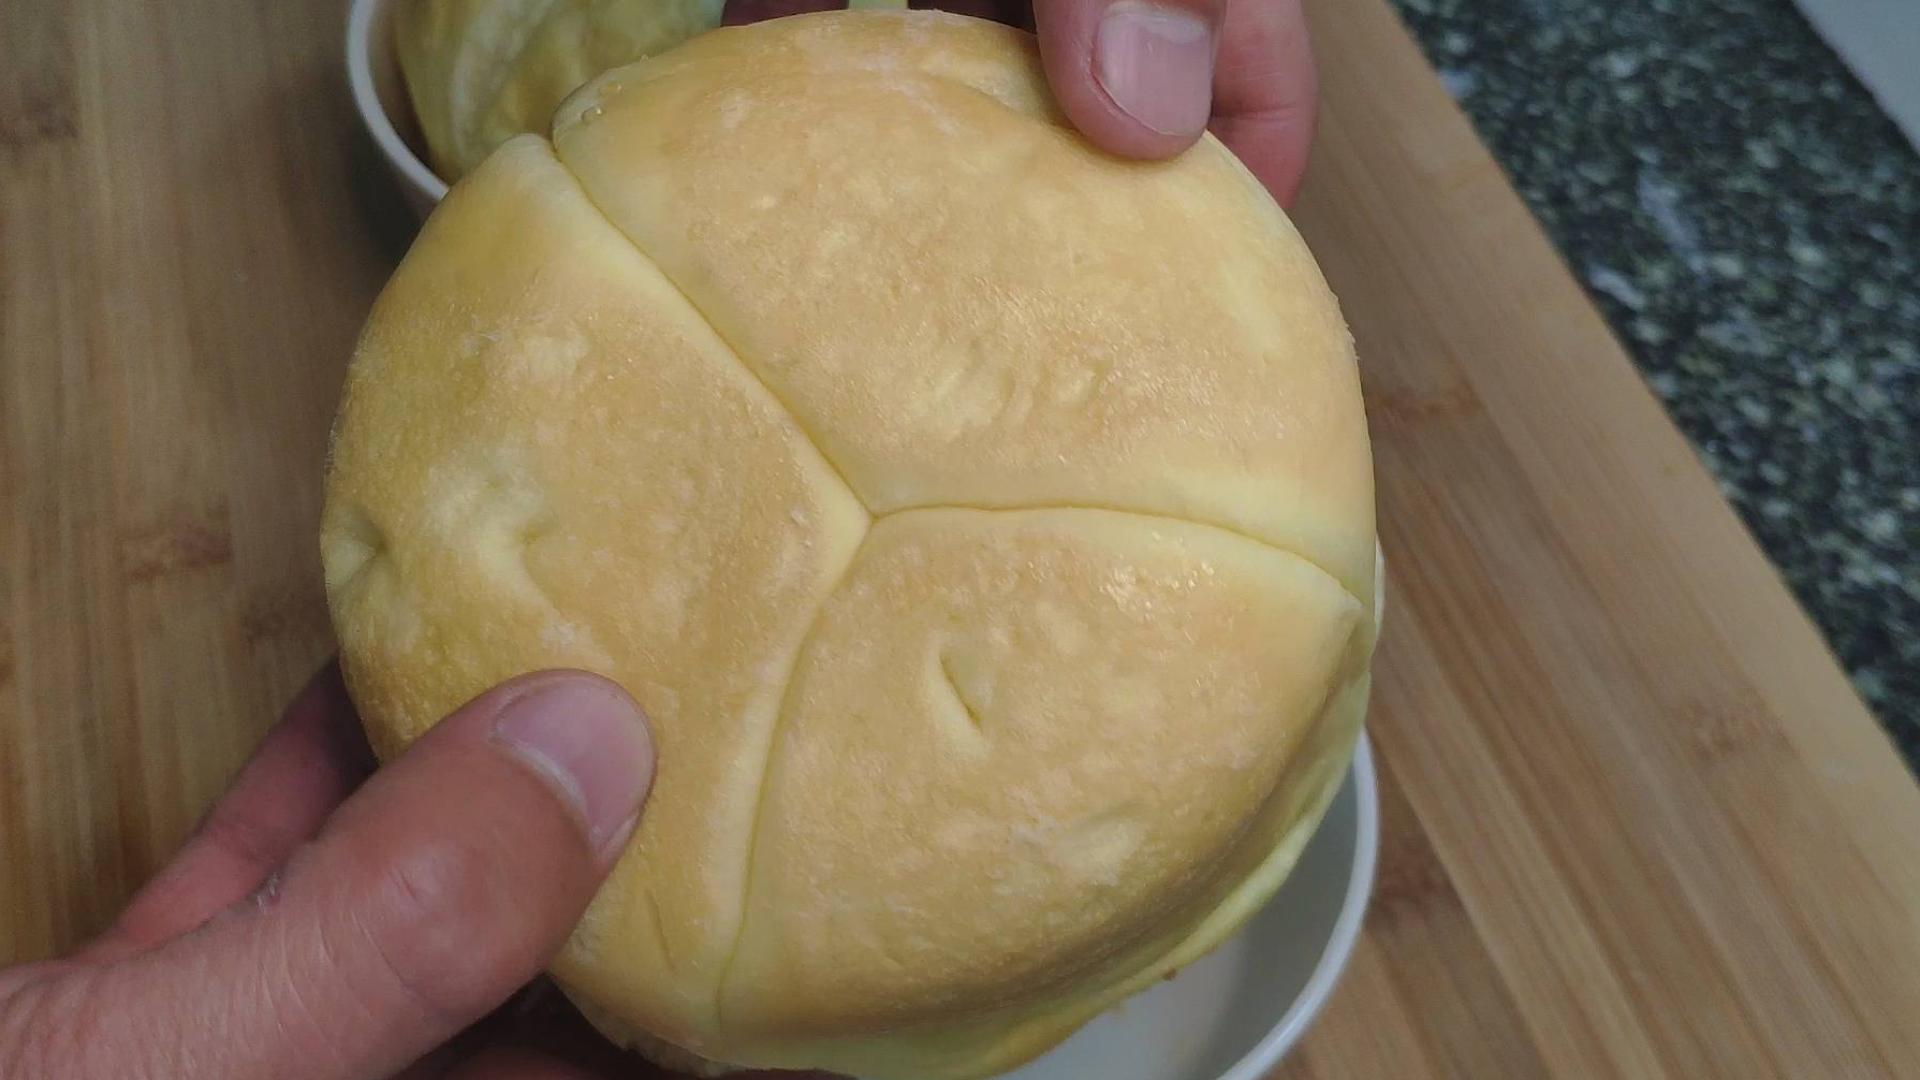 教你在家做面包,不用烤箱,简单易做,比面包店还好吃